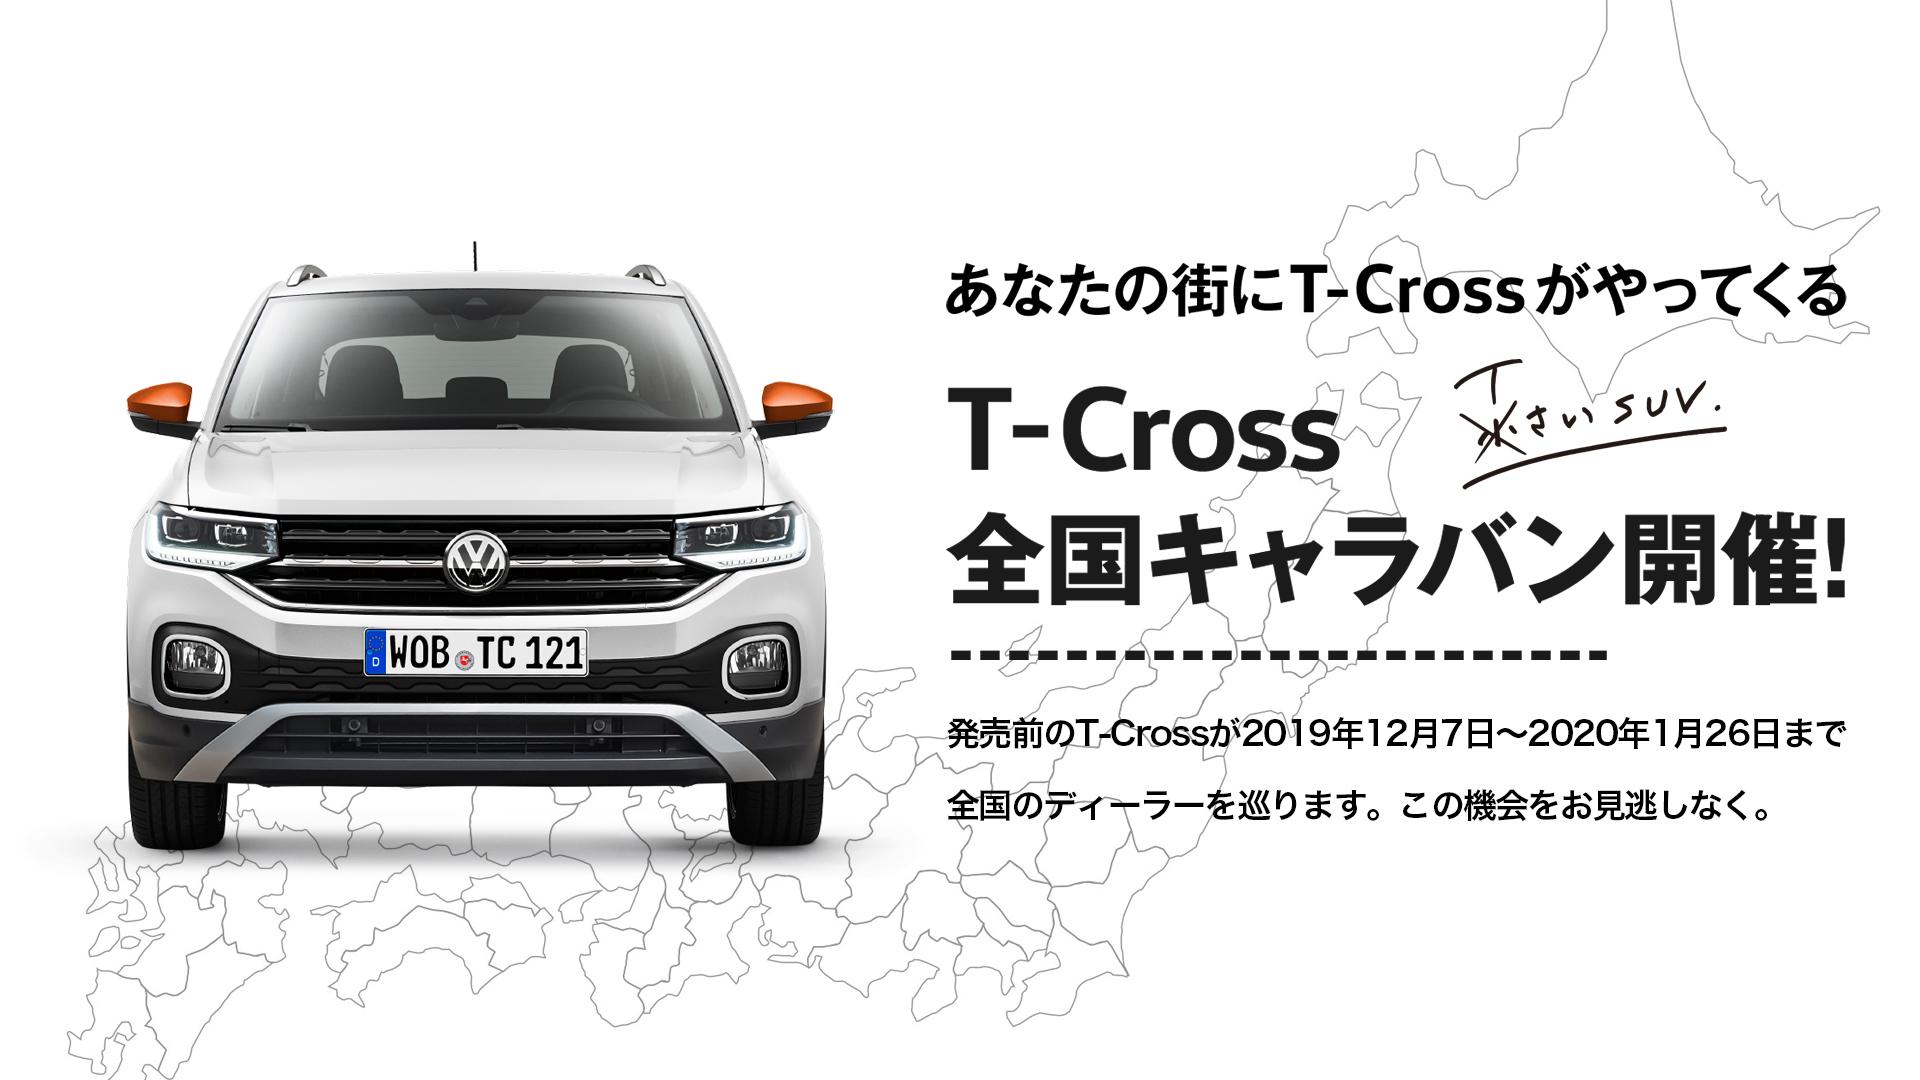 T-Cross全国キャラバン開催